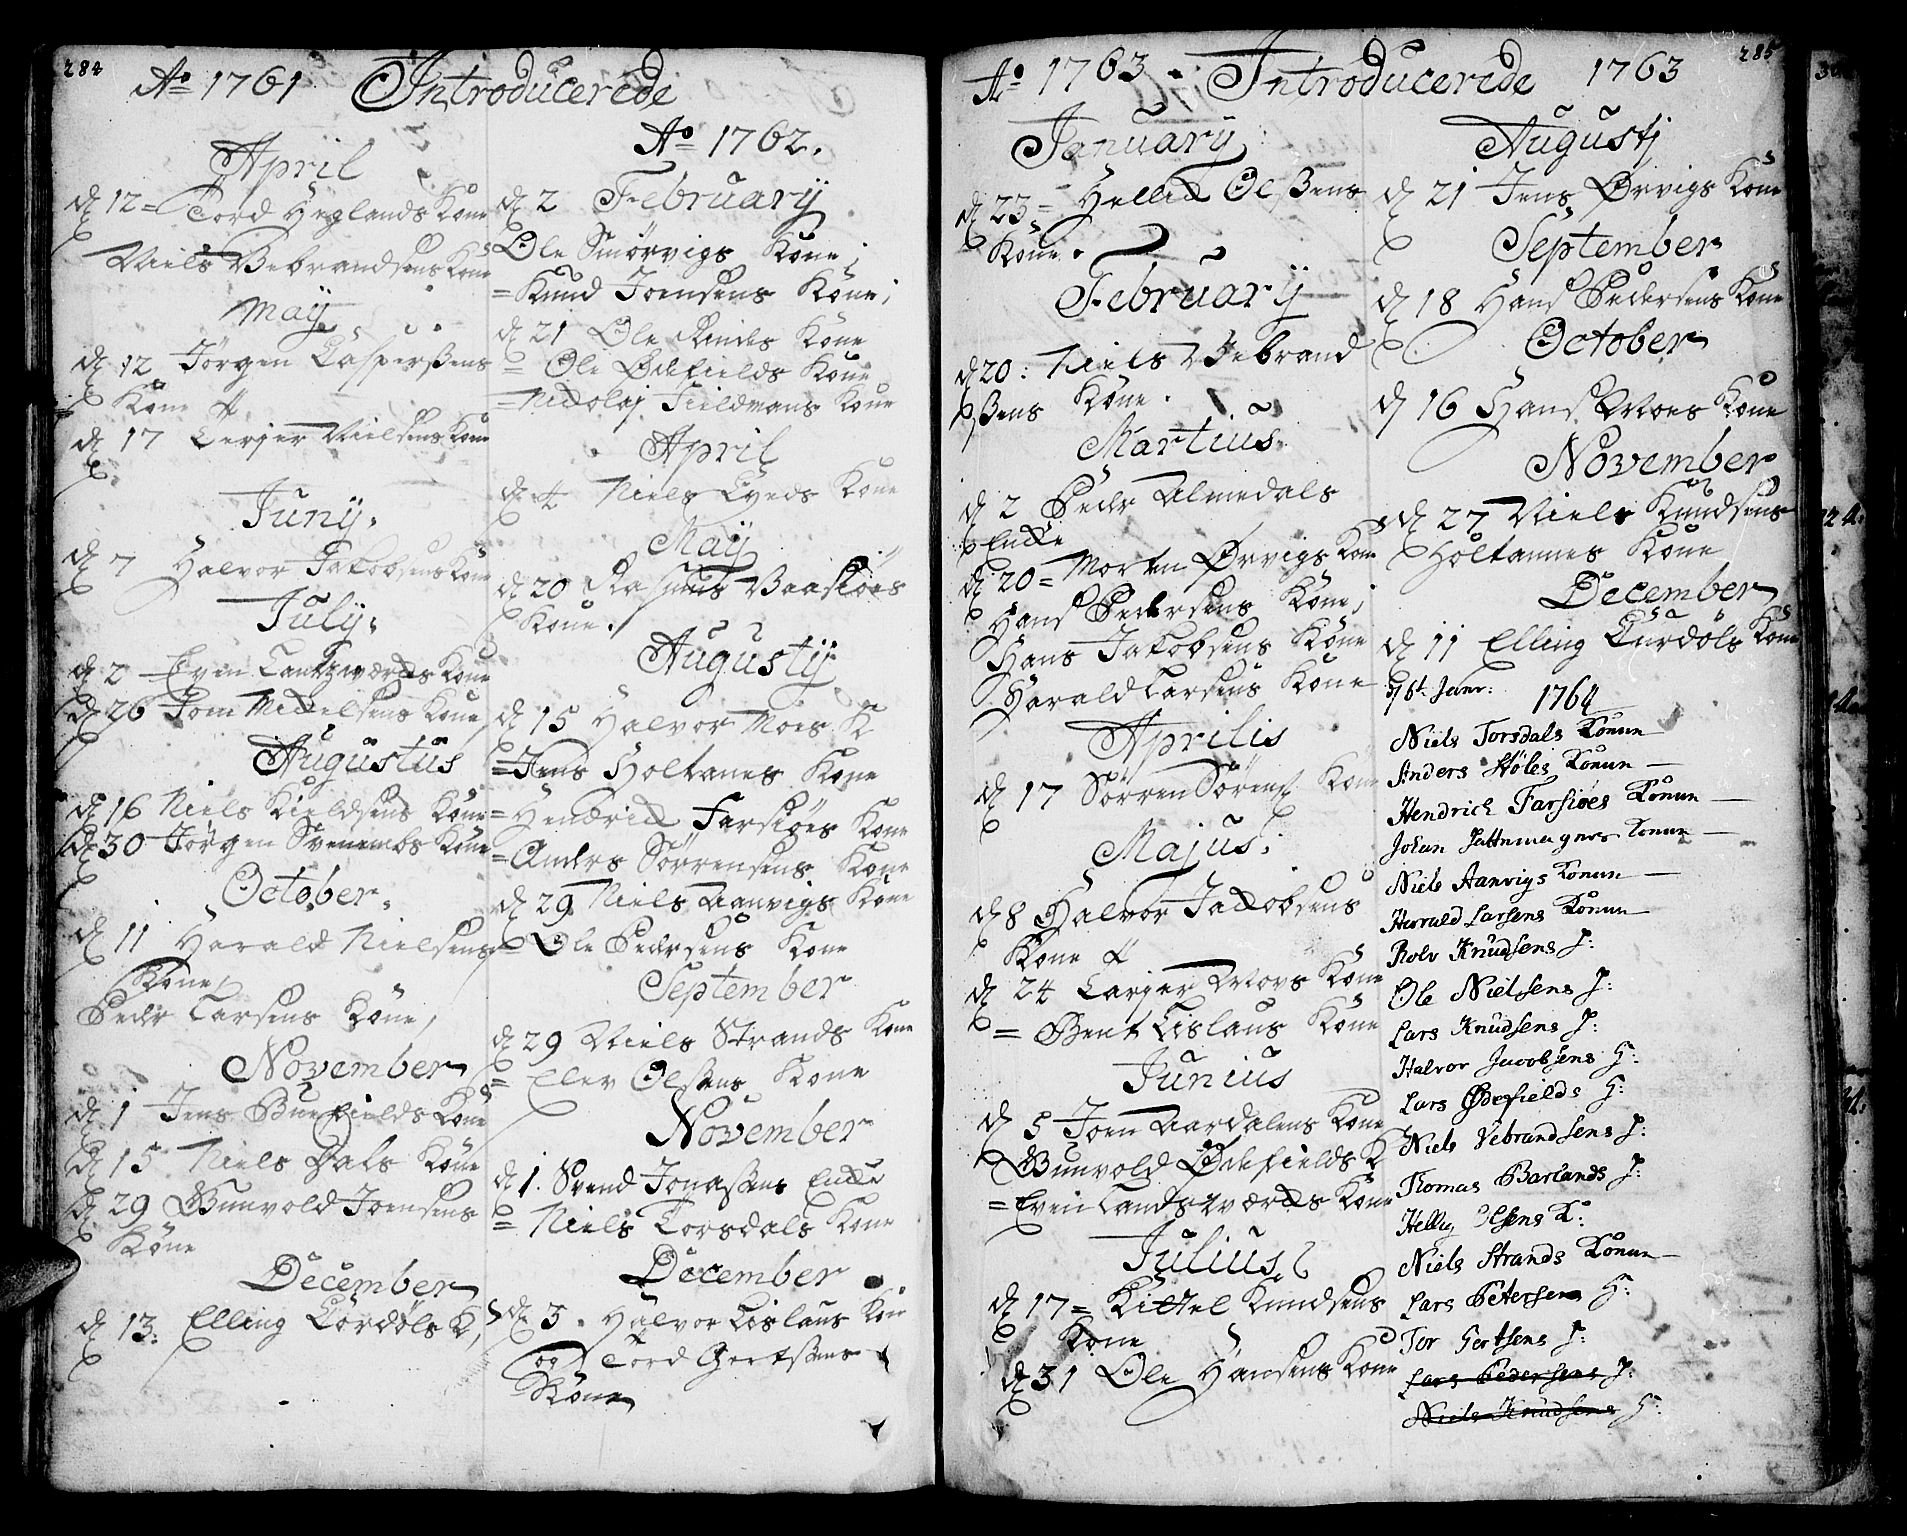 SAKO, Sannidal kirkebøker, F/Fa/L0001: Ministerialbok nr. 1, 1702-1766, s. 284-285